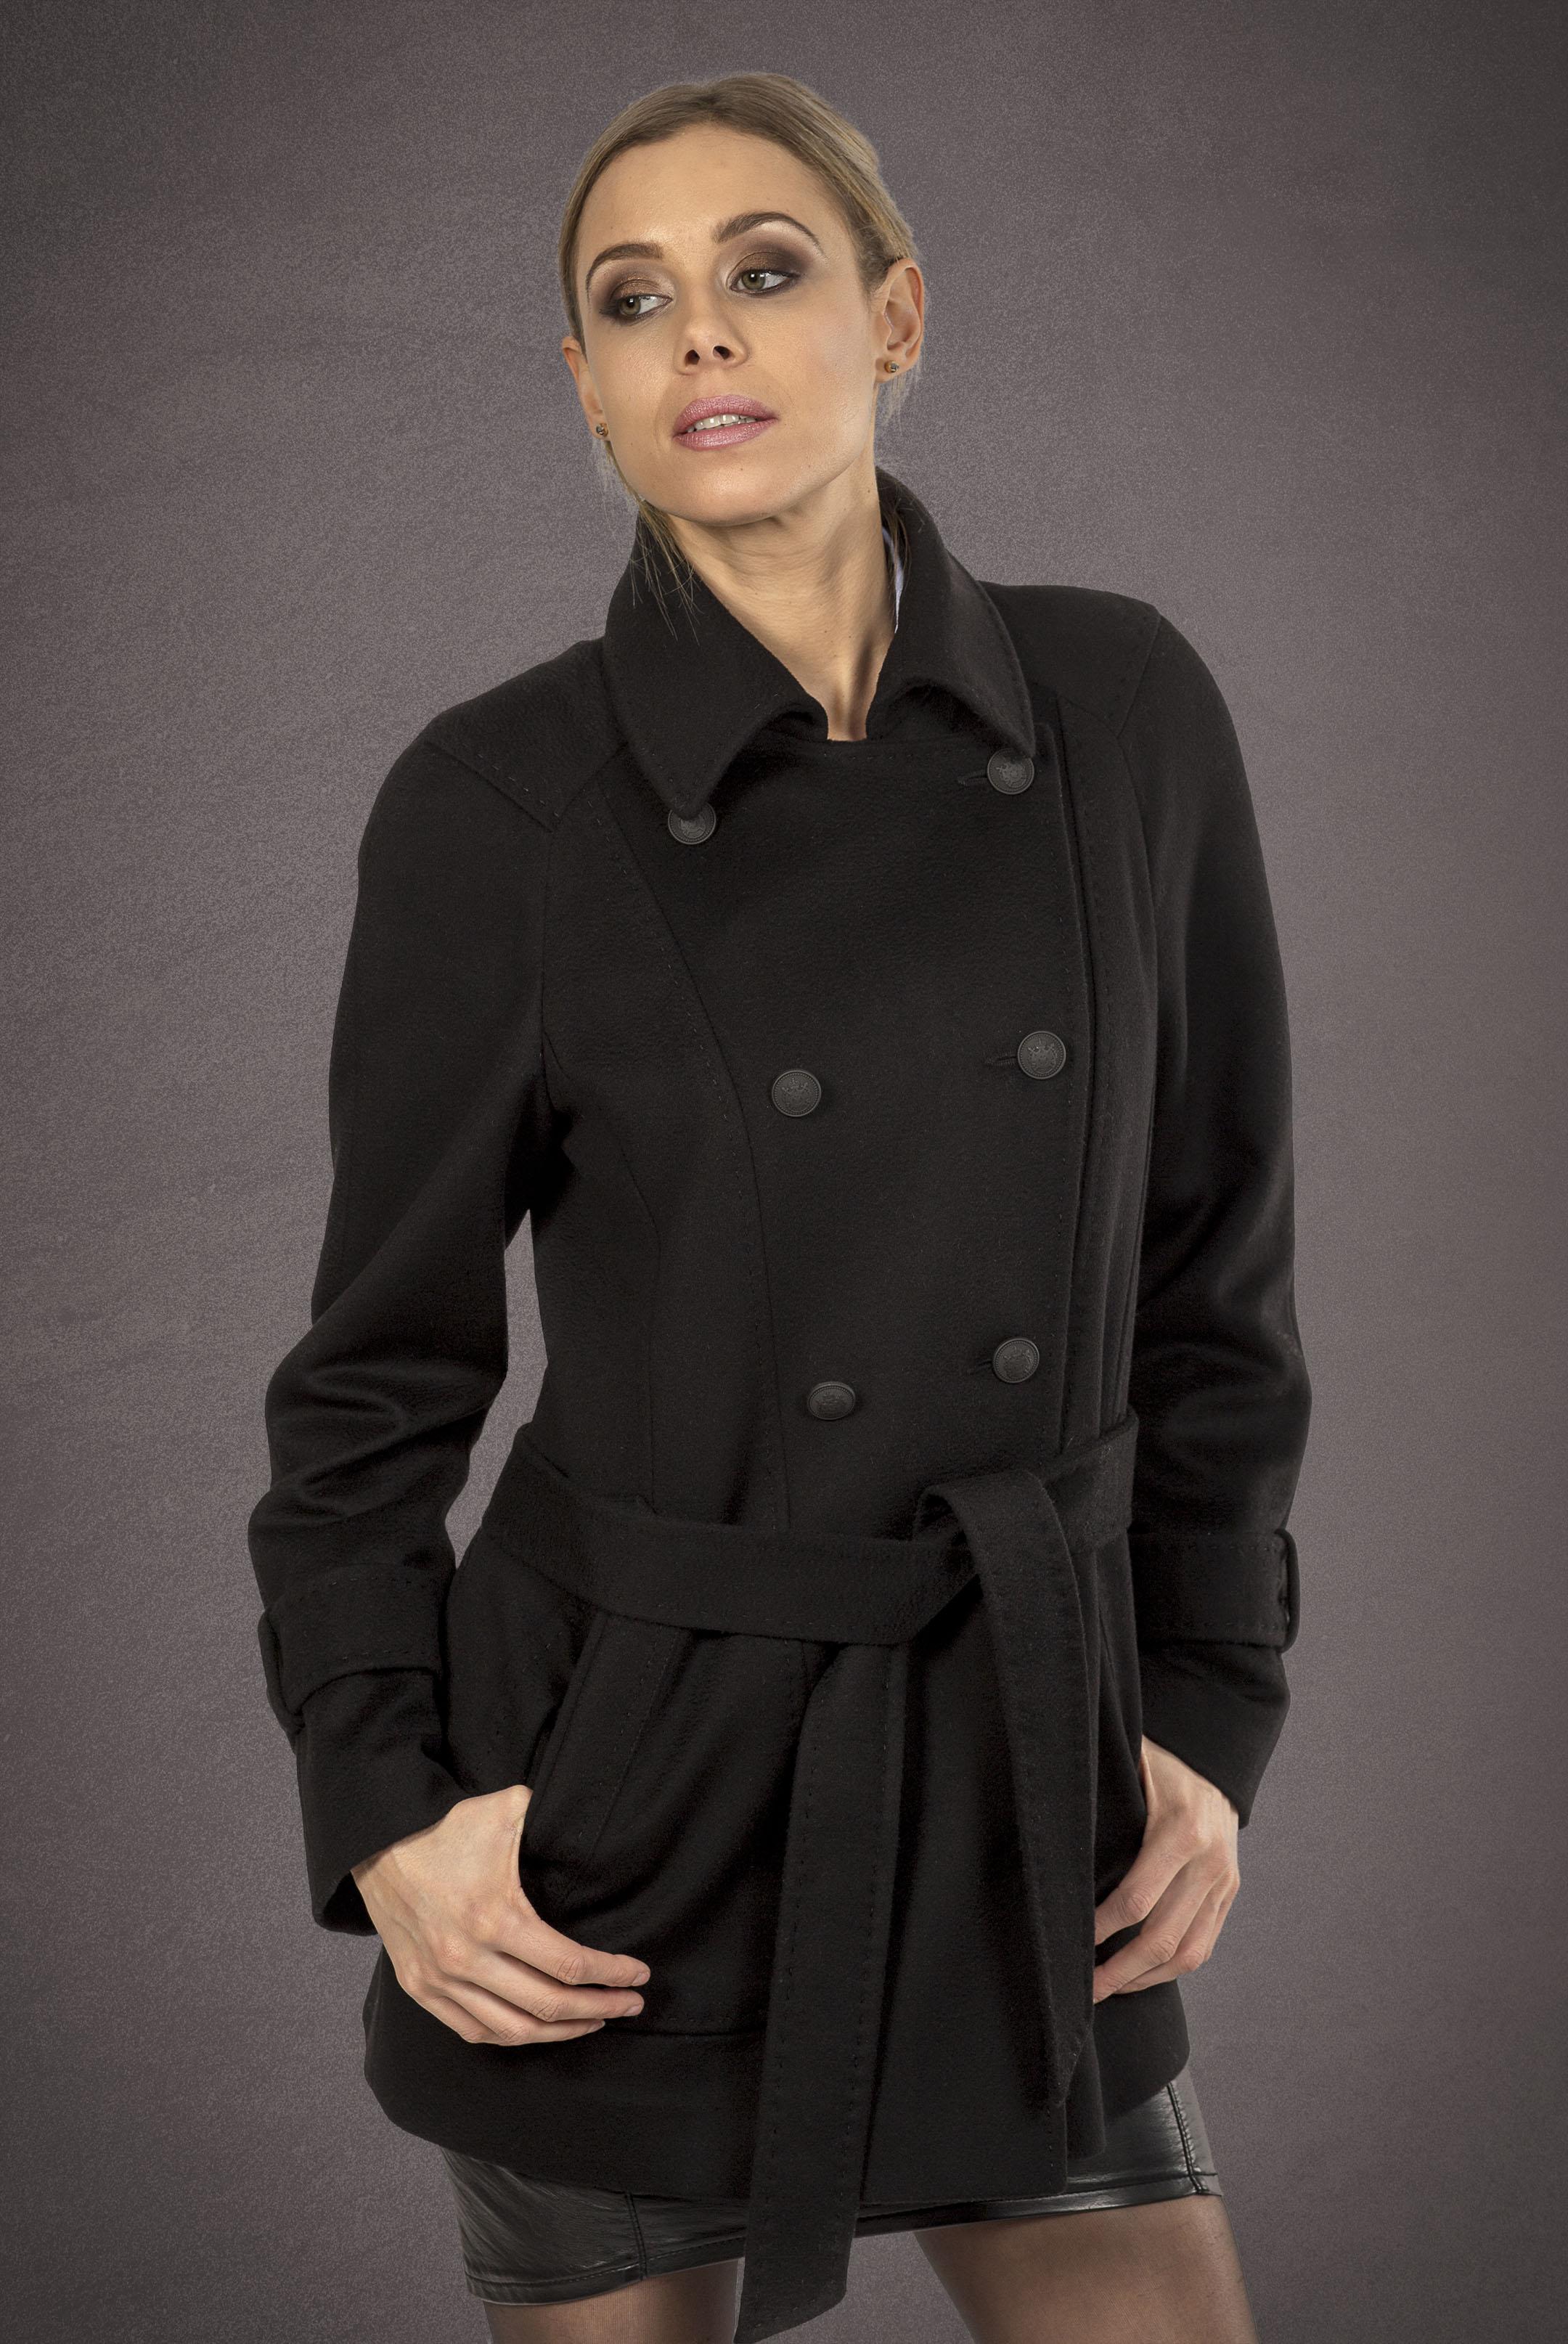 Meldes De Luxe – Manteau laine court – Noir - Réf: 457-1-01